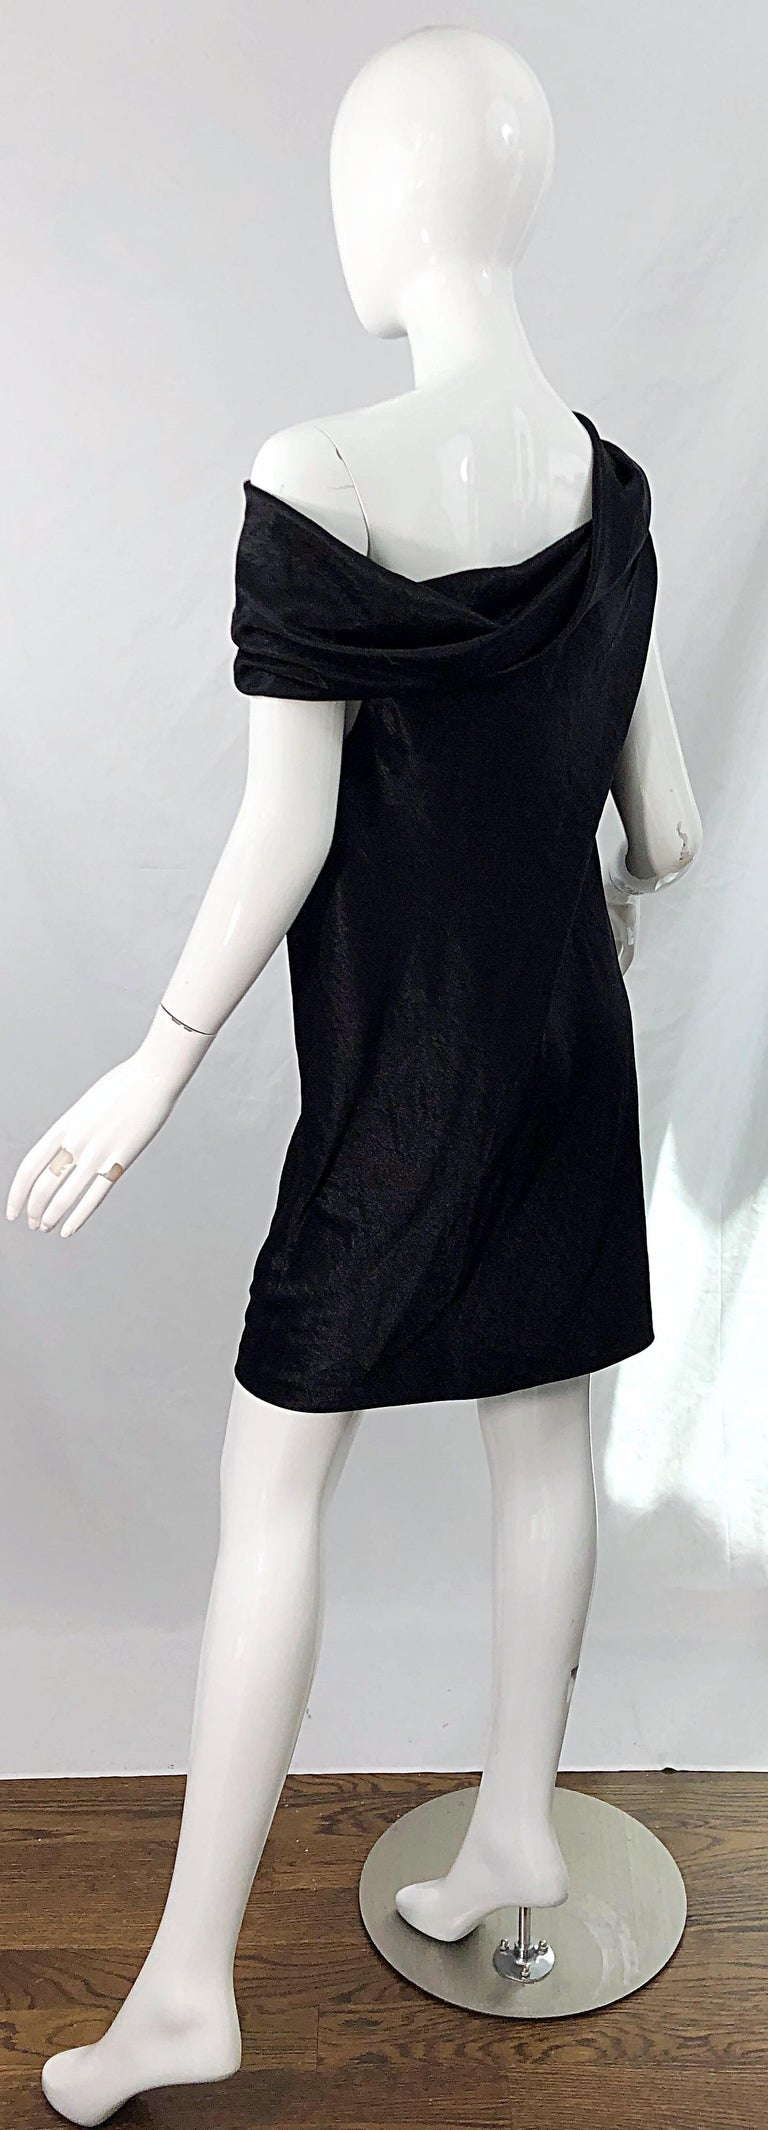 NWT 1990s Donna Karan Size 8 Black Metallic Rayon Off - Shoulder Vintage Dress For Sale 1